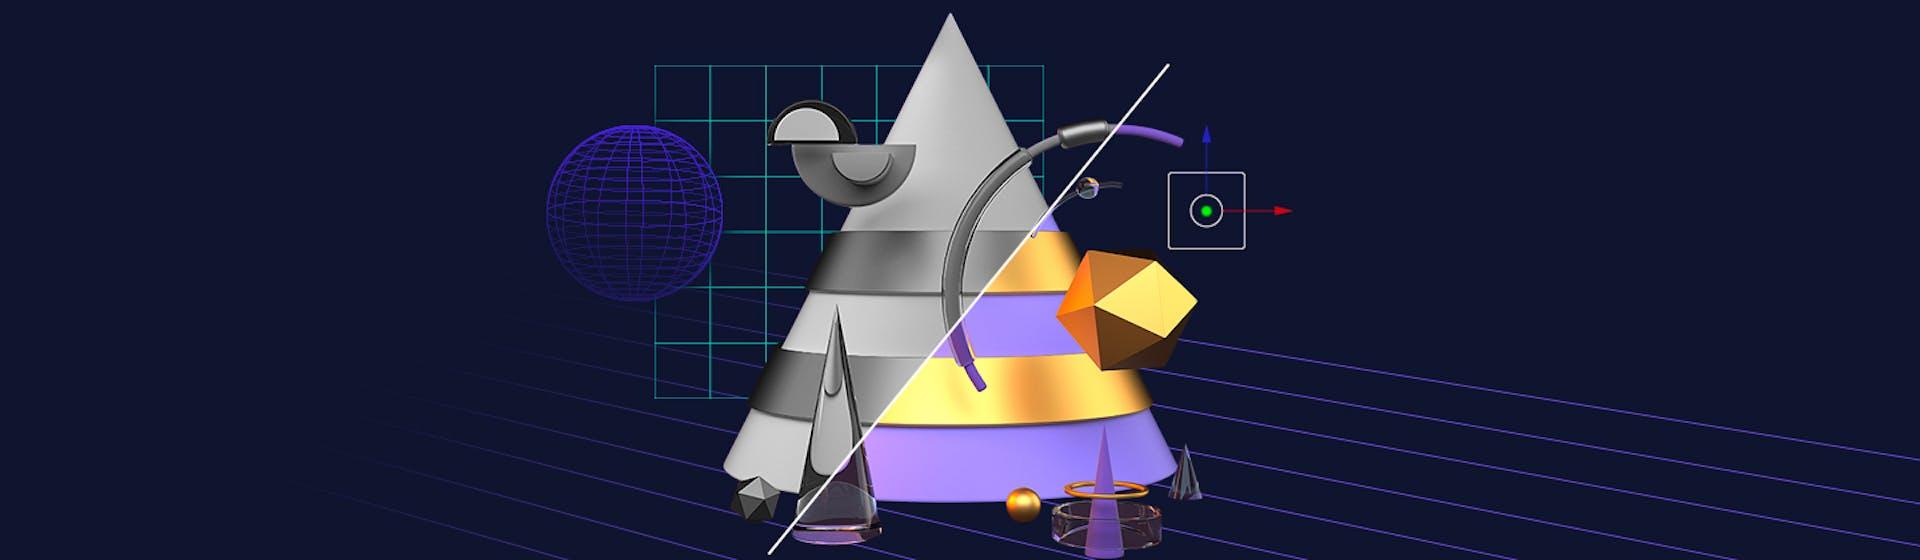 ¡Aprende cómo renderizar en Blender y dale el toque final a tus modelados 3D!